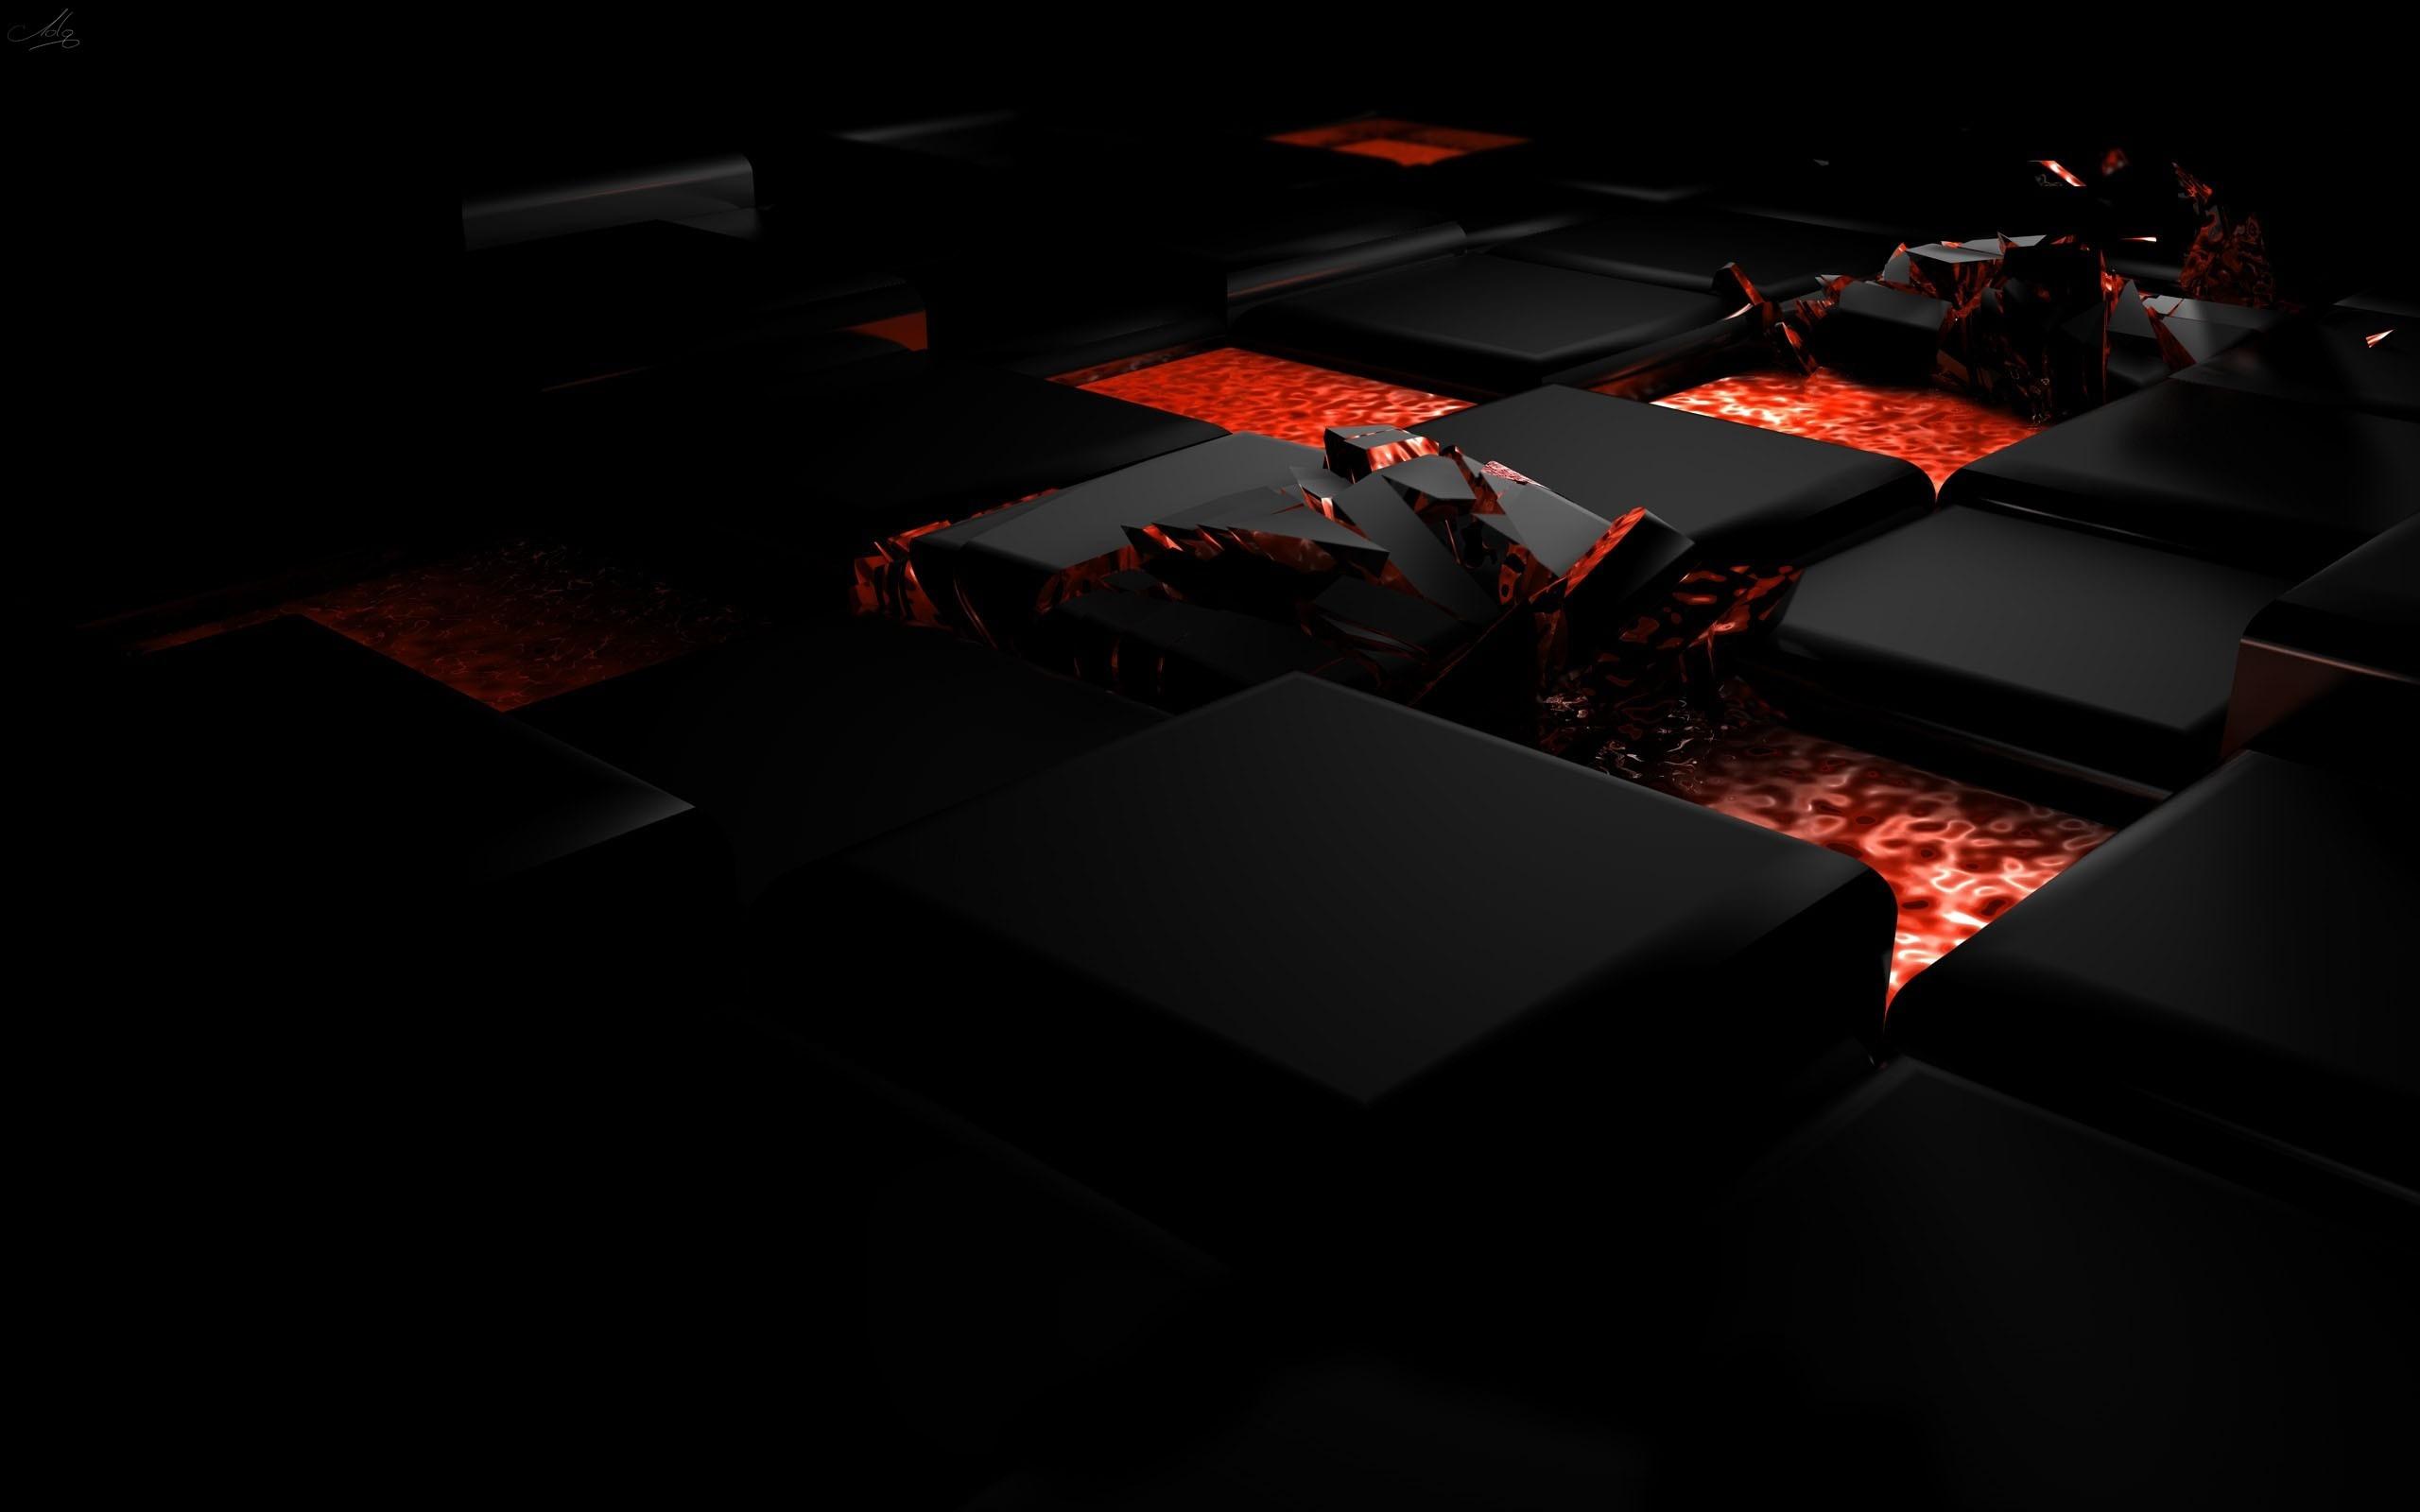 キューブ火災暗い軽合金 3dアートワークベクトルの壁紙プレビュー 10wallpaper Com